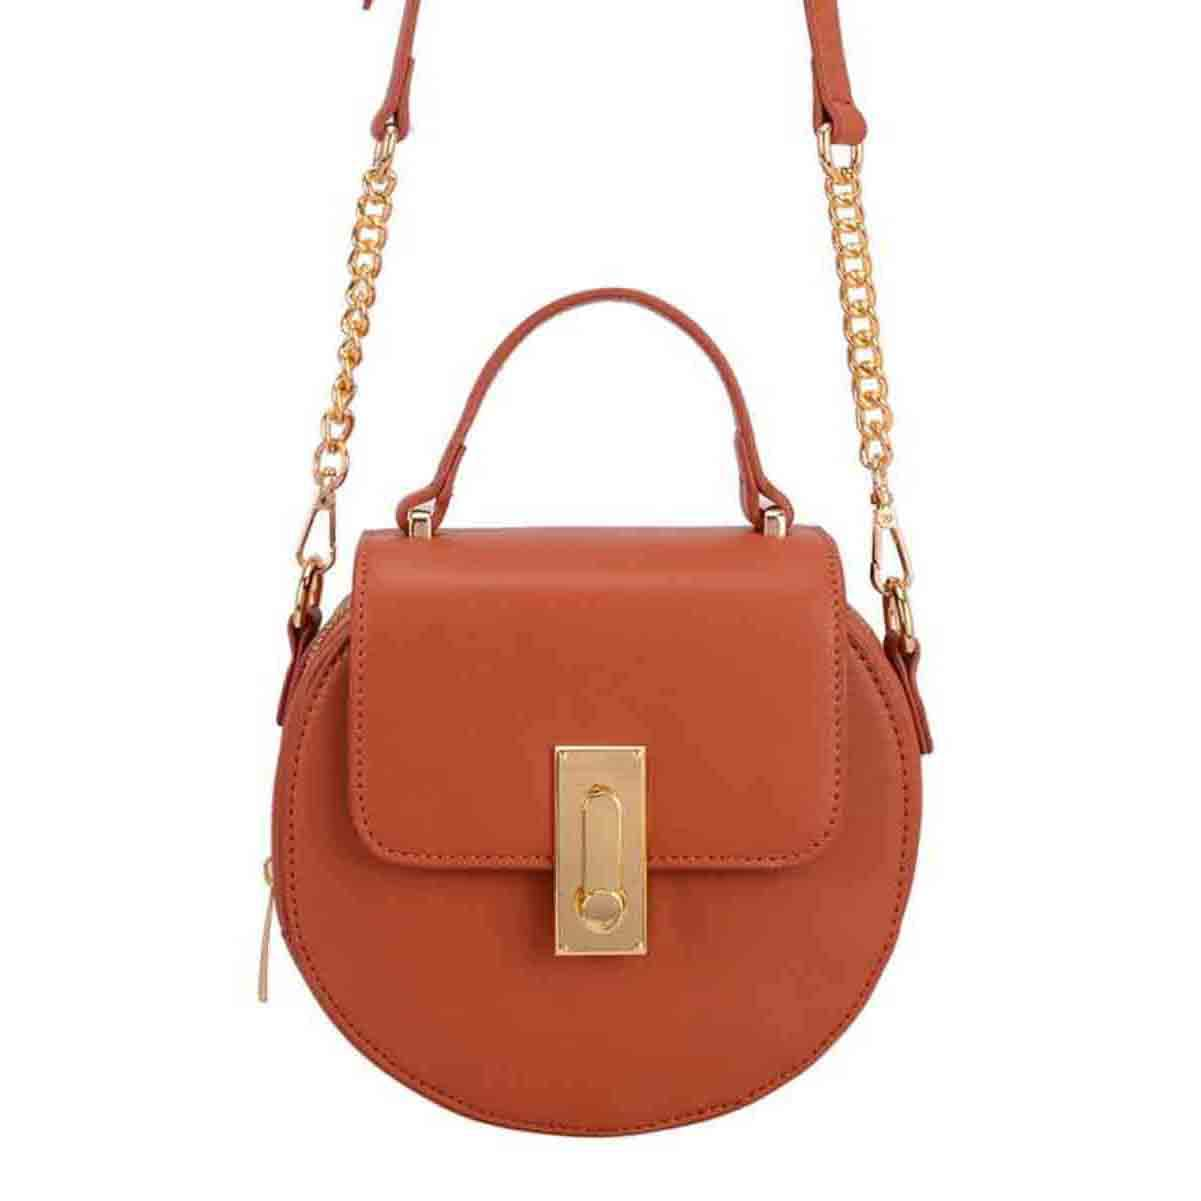 کیف رو دوشی زنانه دیوید جونز مدل 5655 -  - 15